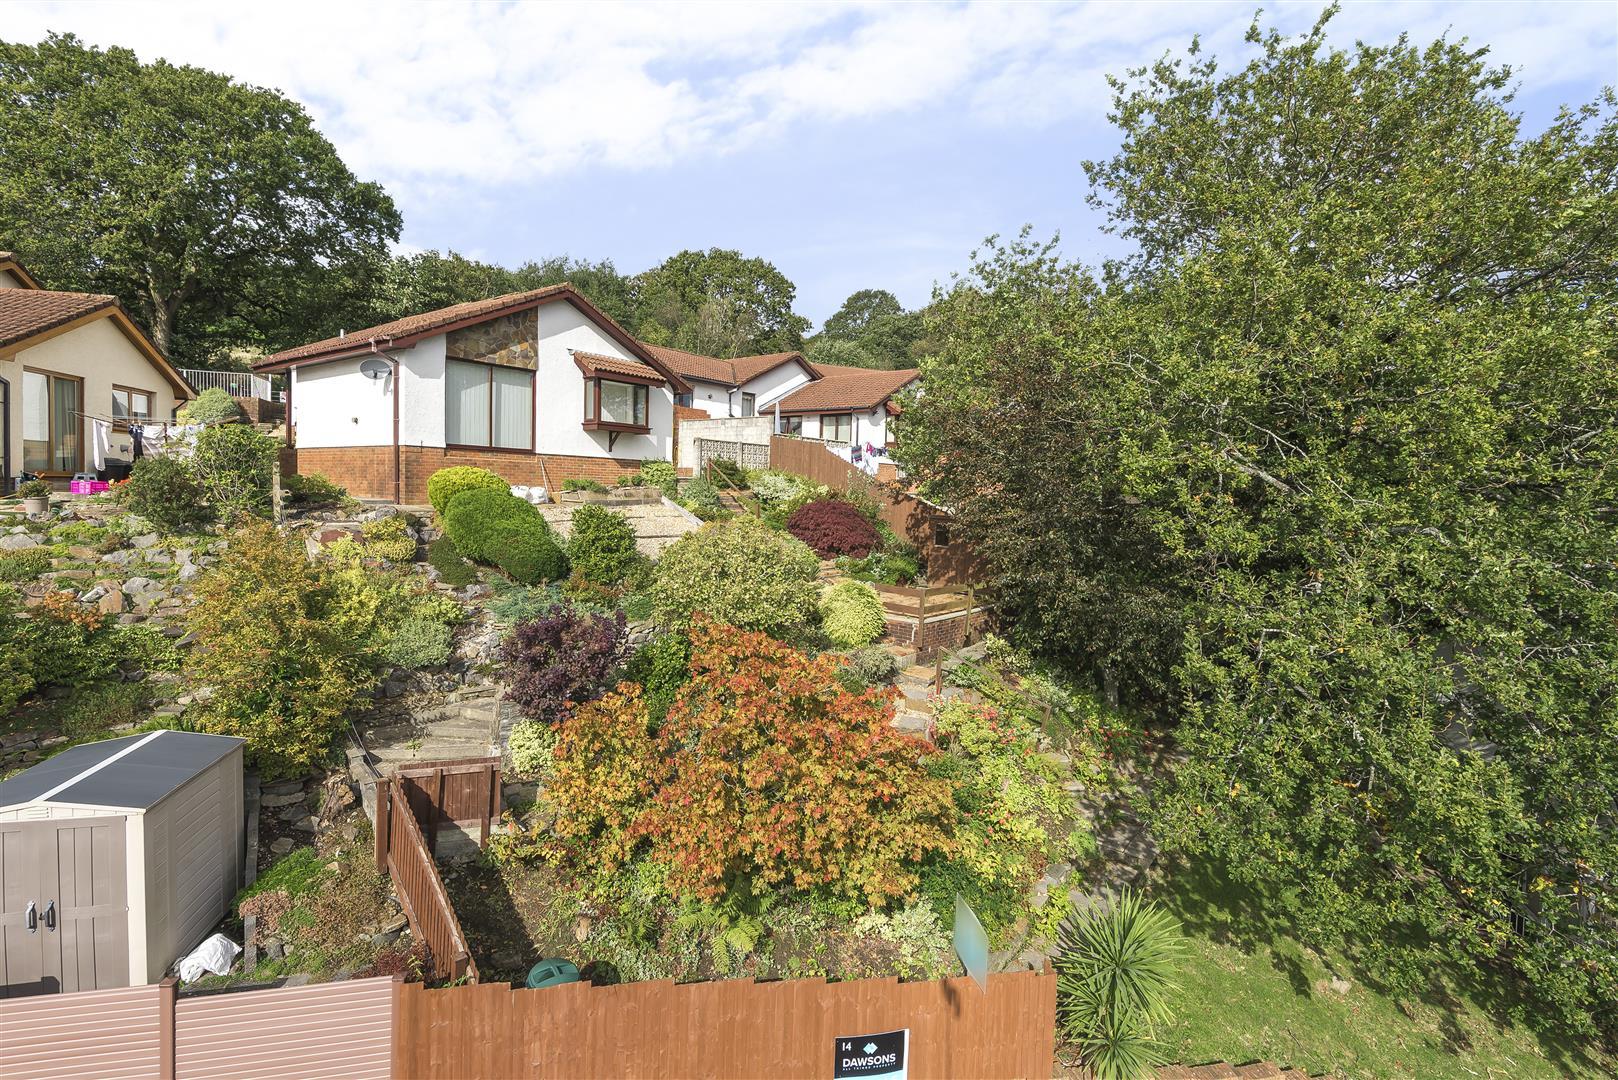 Woodland Park, Ynystawe, Swansea, SA6 5AR